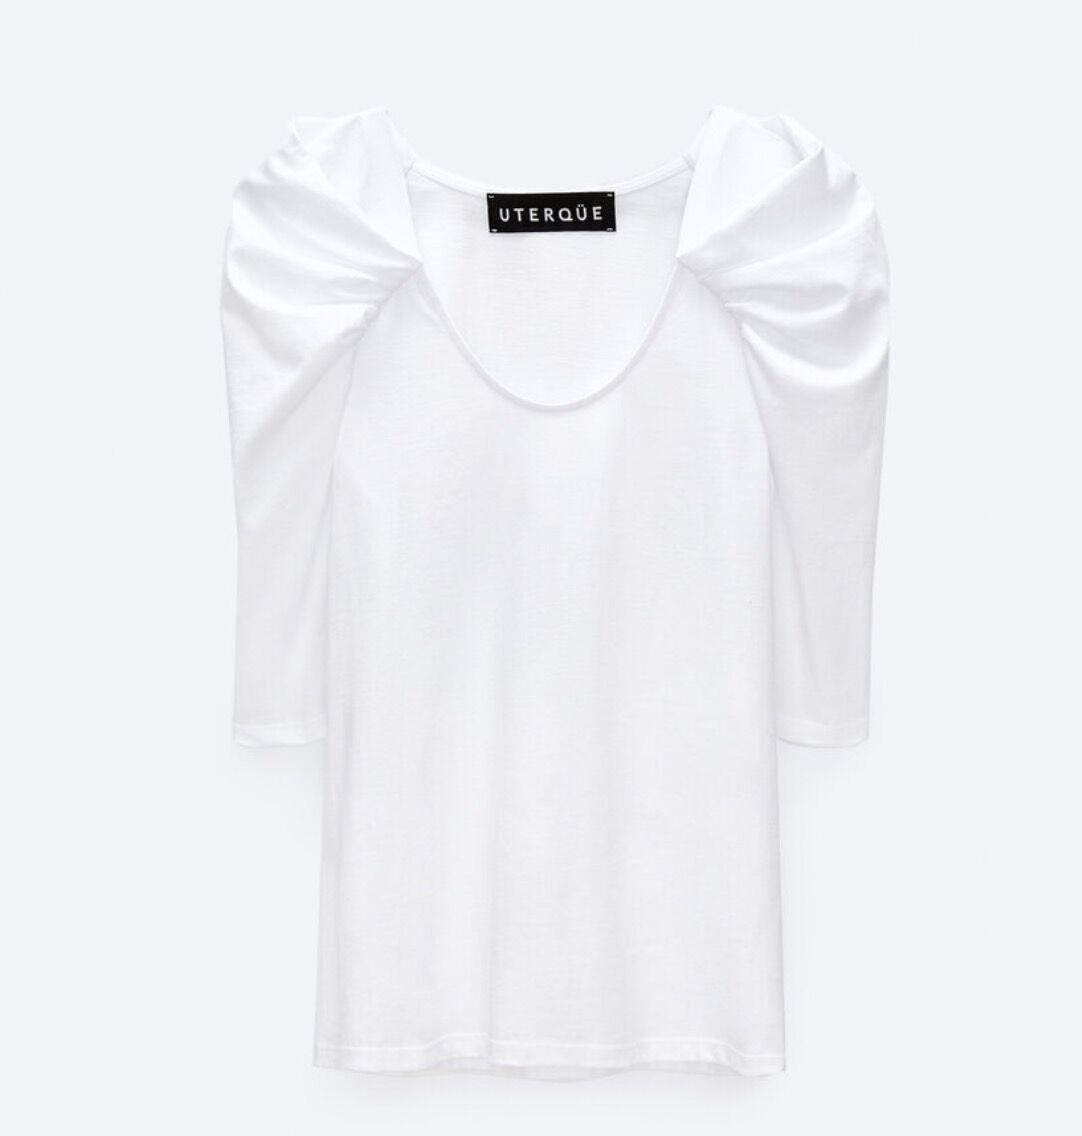 T-shirt décolleté et manches ballons, Uterqüe, 74 €